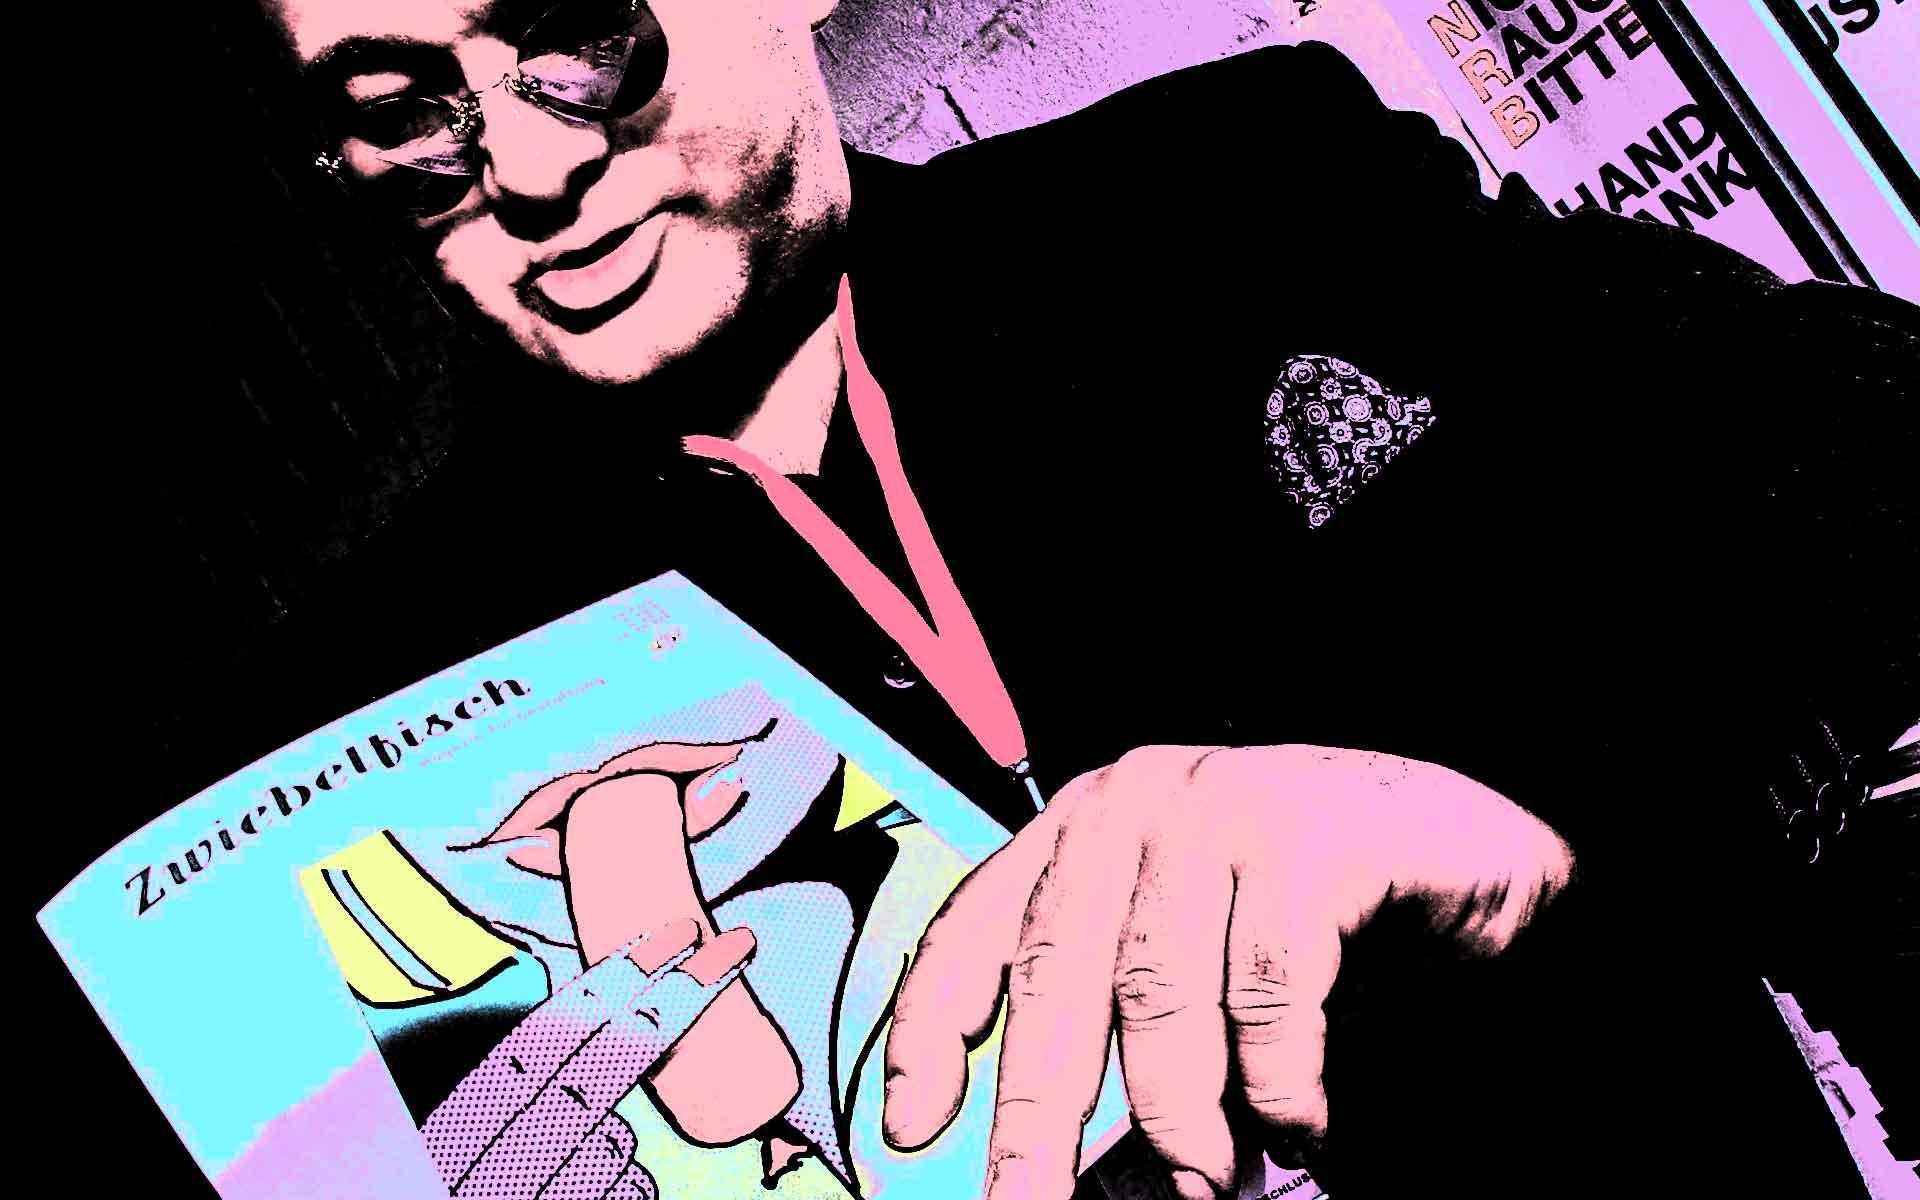 Der Grafikdesigner und Typograf Wolfgang Beinert als Testimonial für den Zwiebelfisch, ein studentisches Magazin für Gestaltung der Freien Hochschule für Grafik-Design und Bildende Kunst in Freiburg.